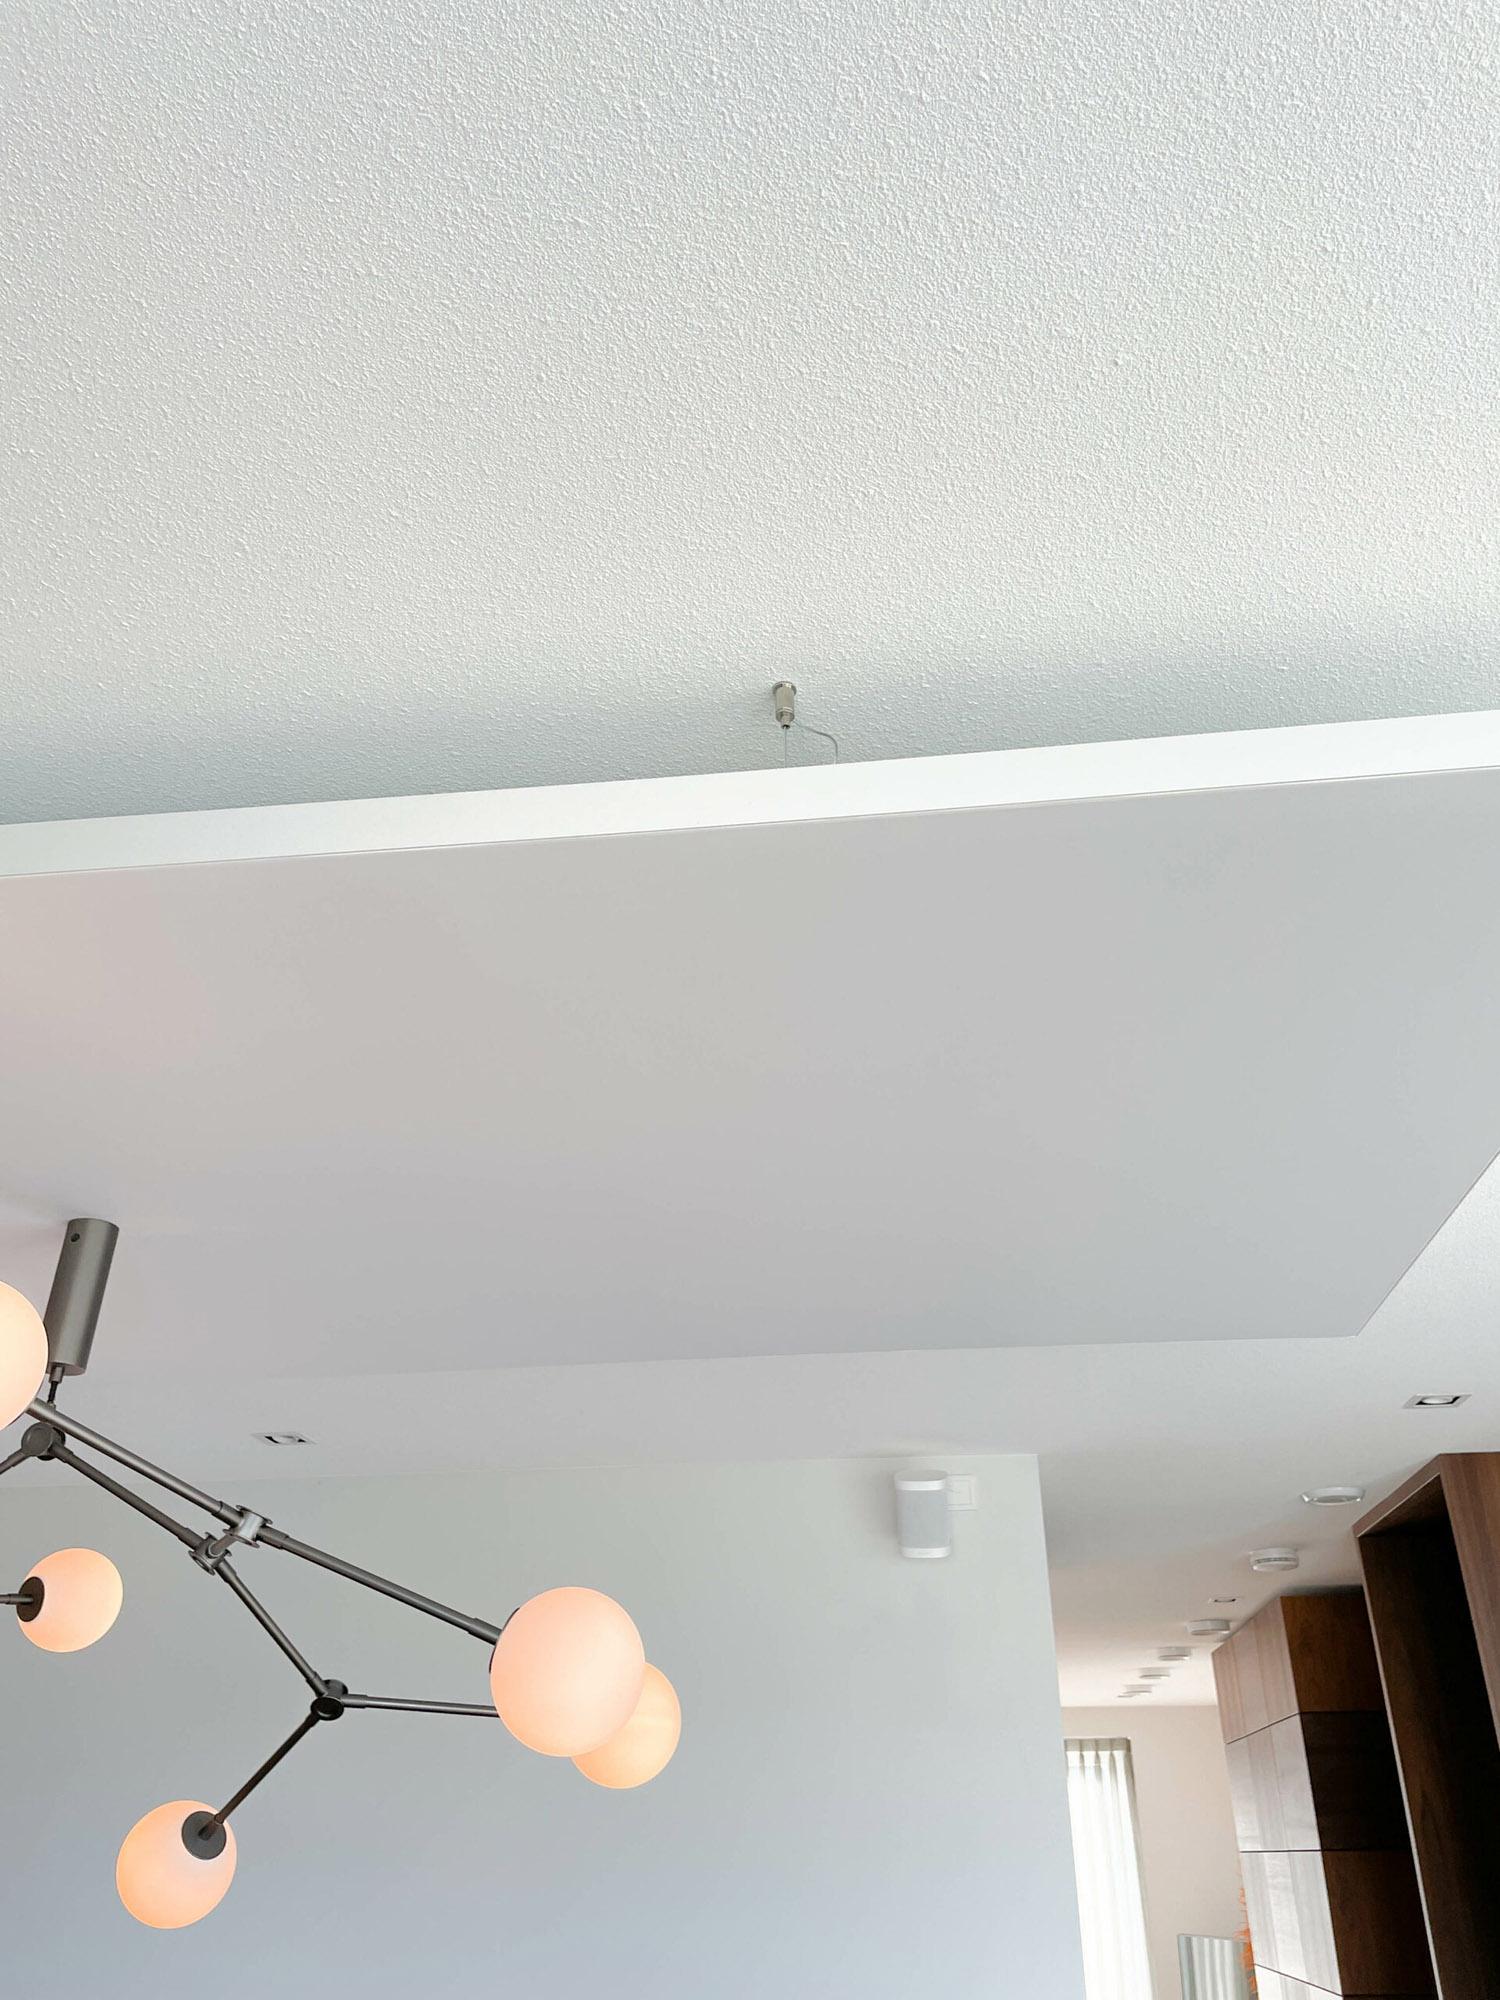 akoestiek plafond